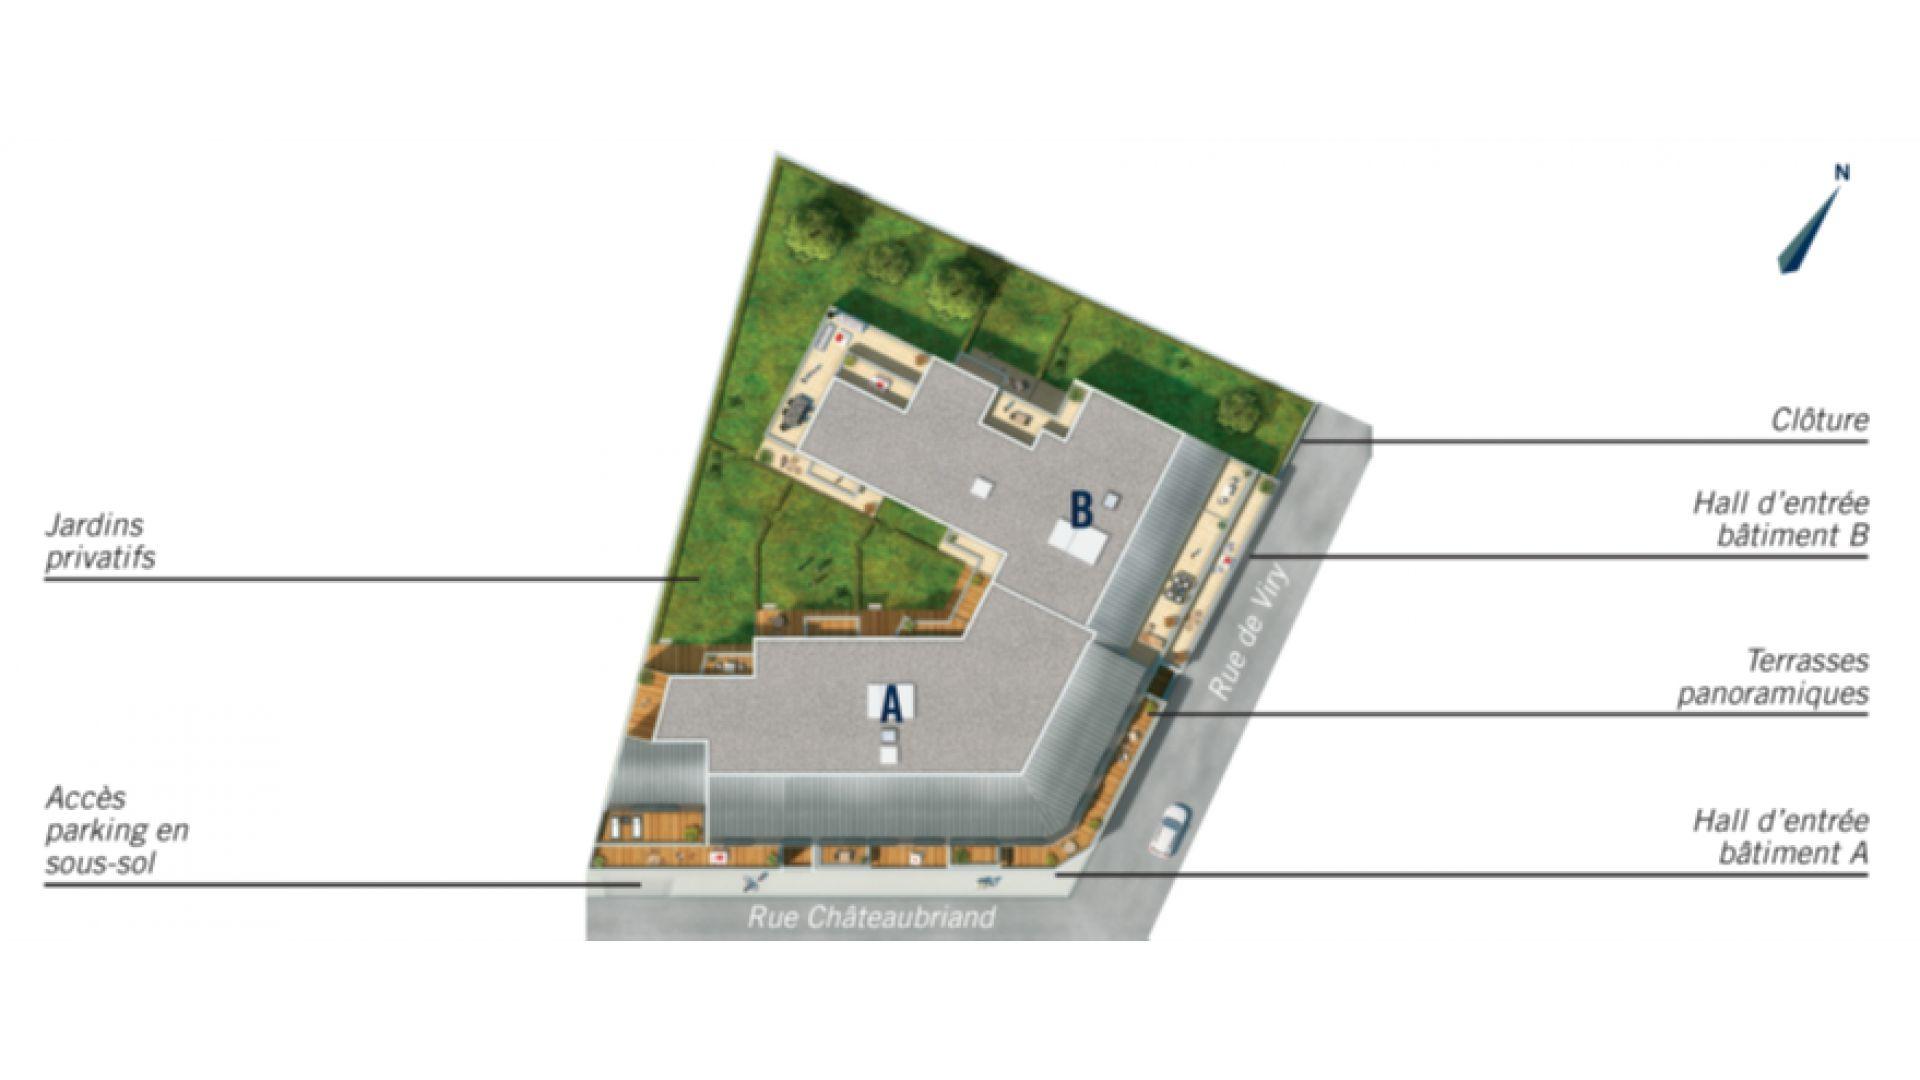 GreenCity Immobilier - Savigny sur Orge 91600 - Le Beaumont - appartements T1 Bis - T2 - T3 - T4 - plan de masse